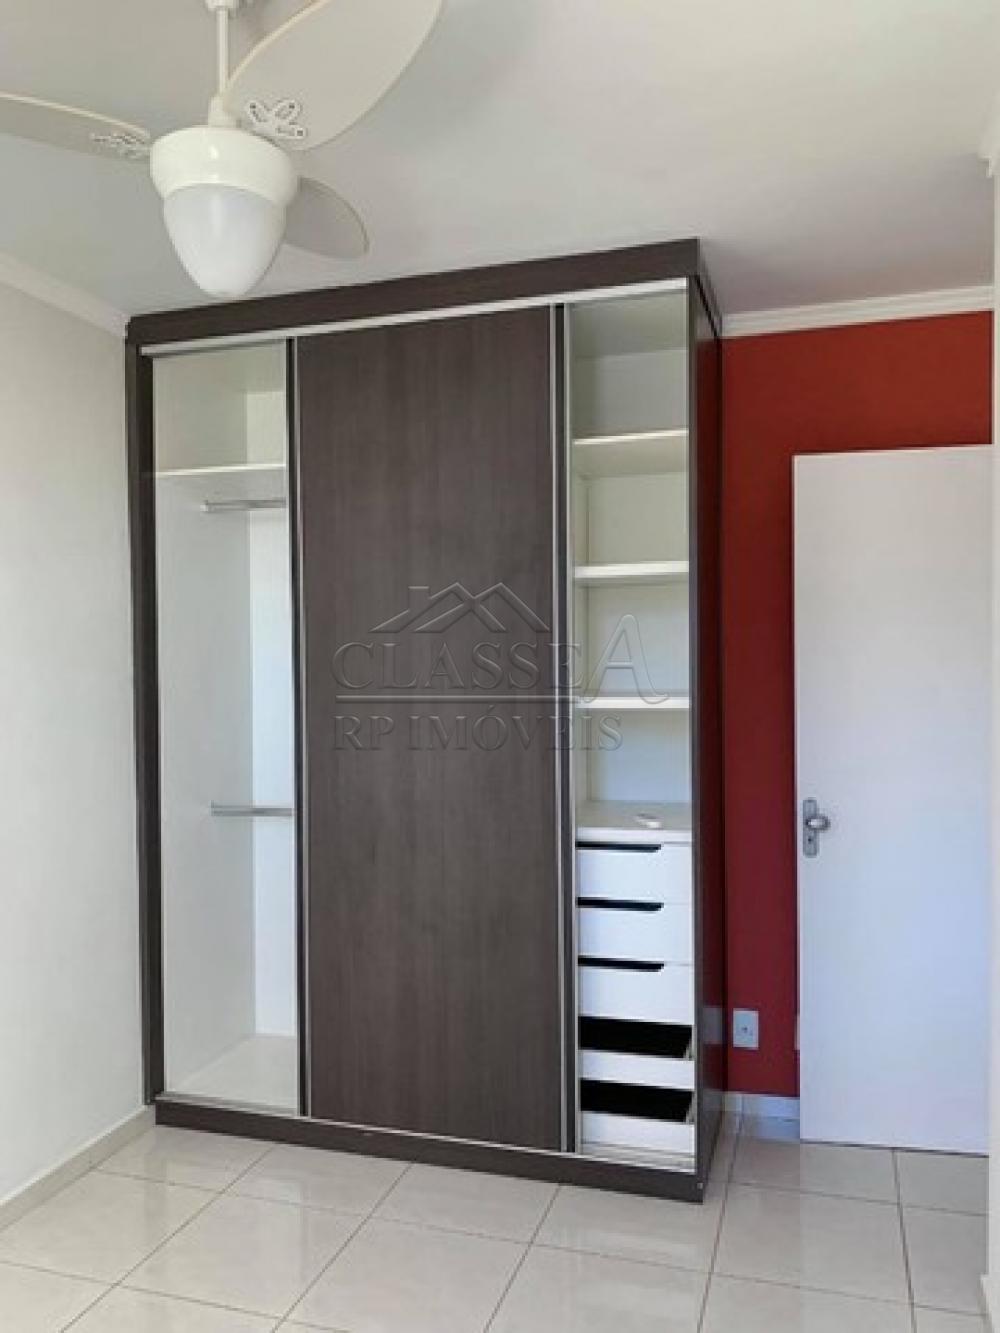 Comprar Apartamento / Cobertura Duplex em Ribeirão Preto R$ 300.000,00 - Foto 8